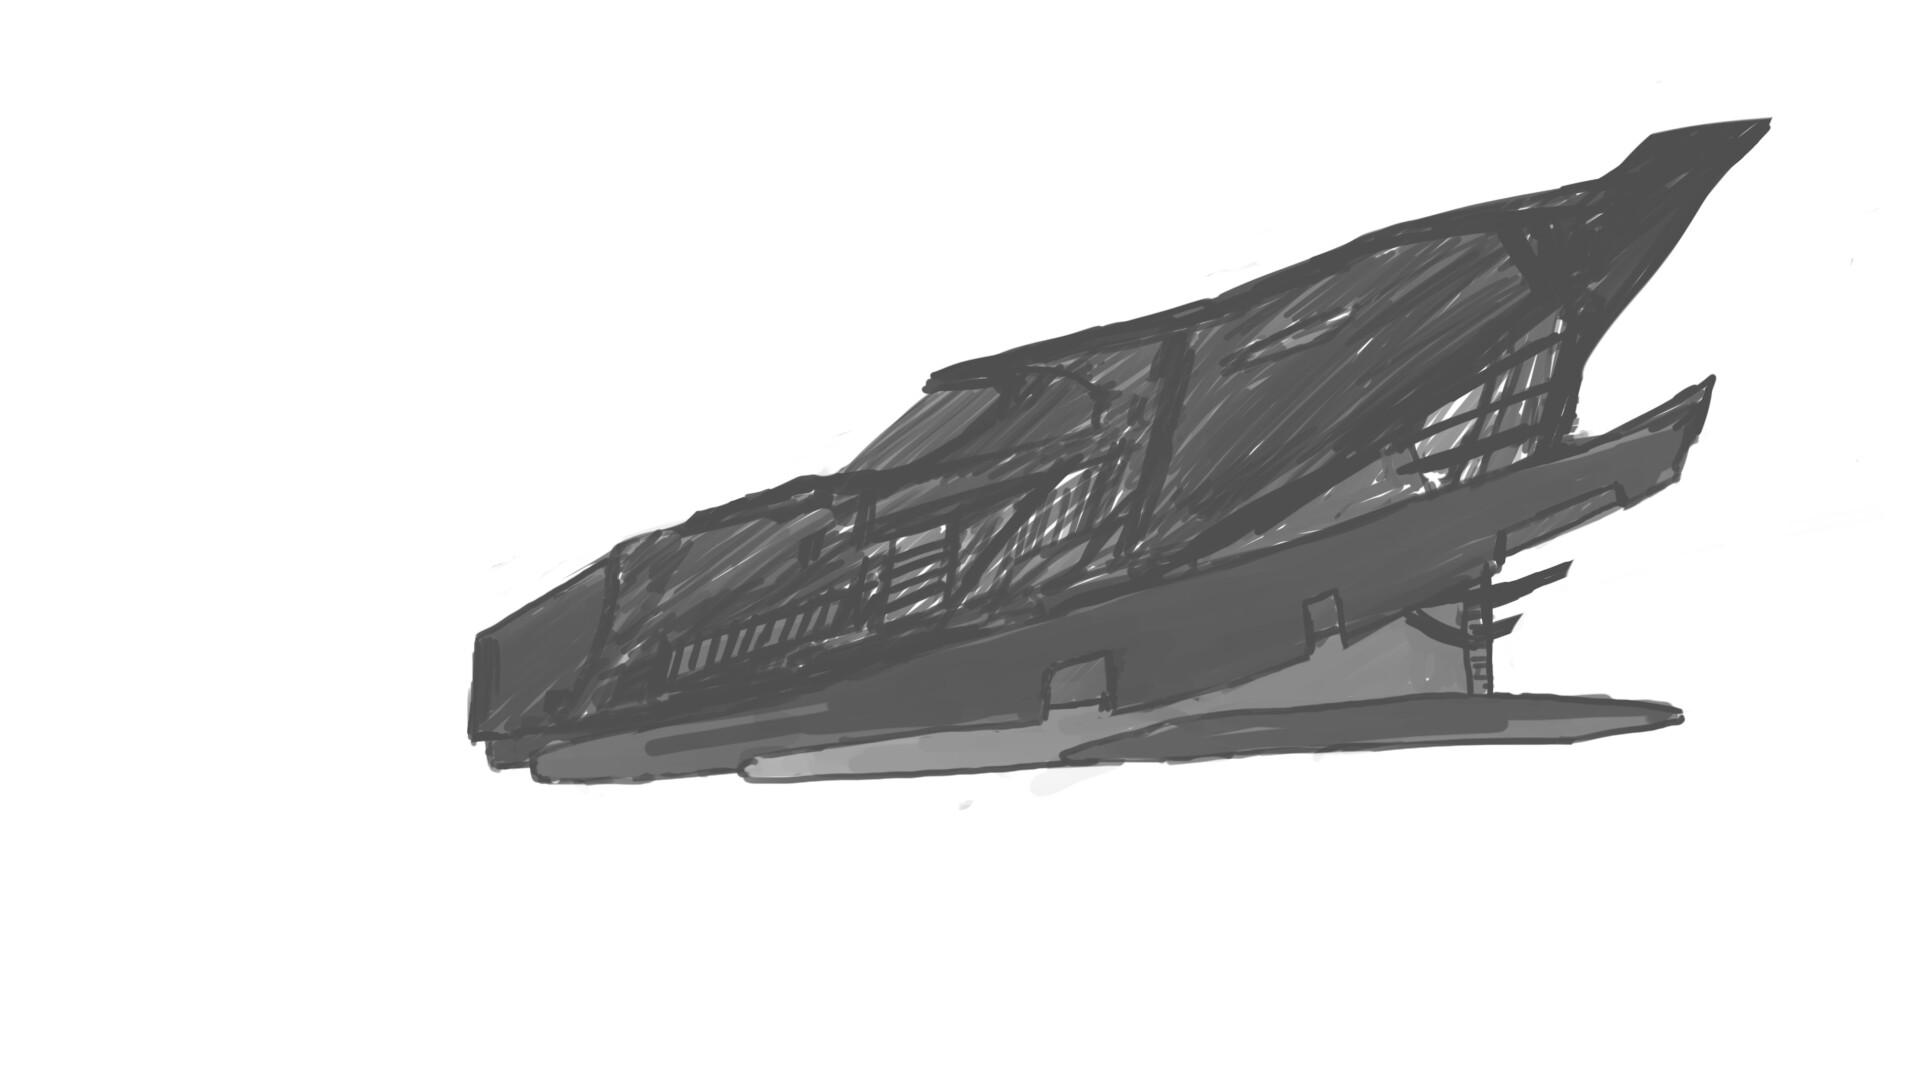 Alexander laheij drawing11 07